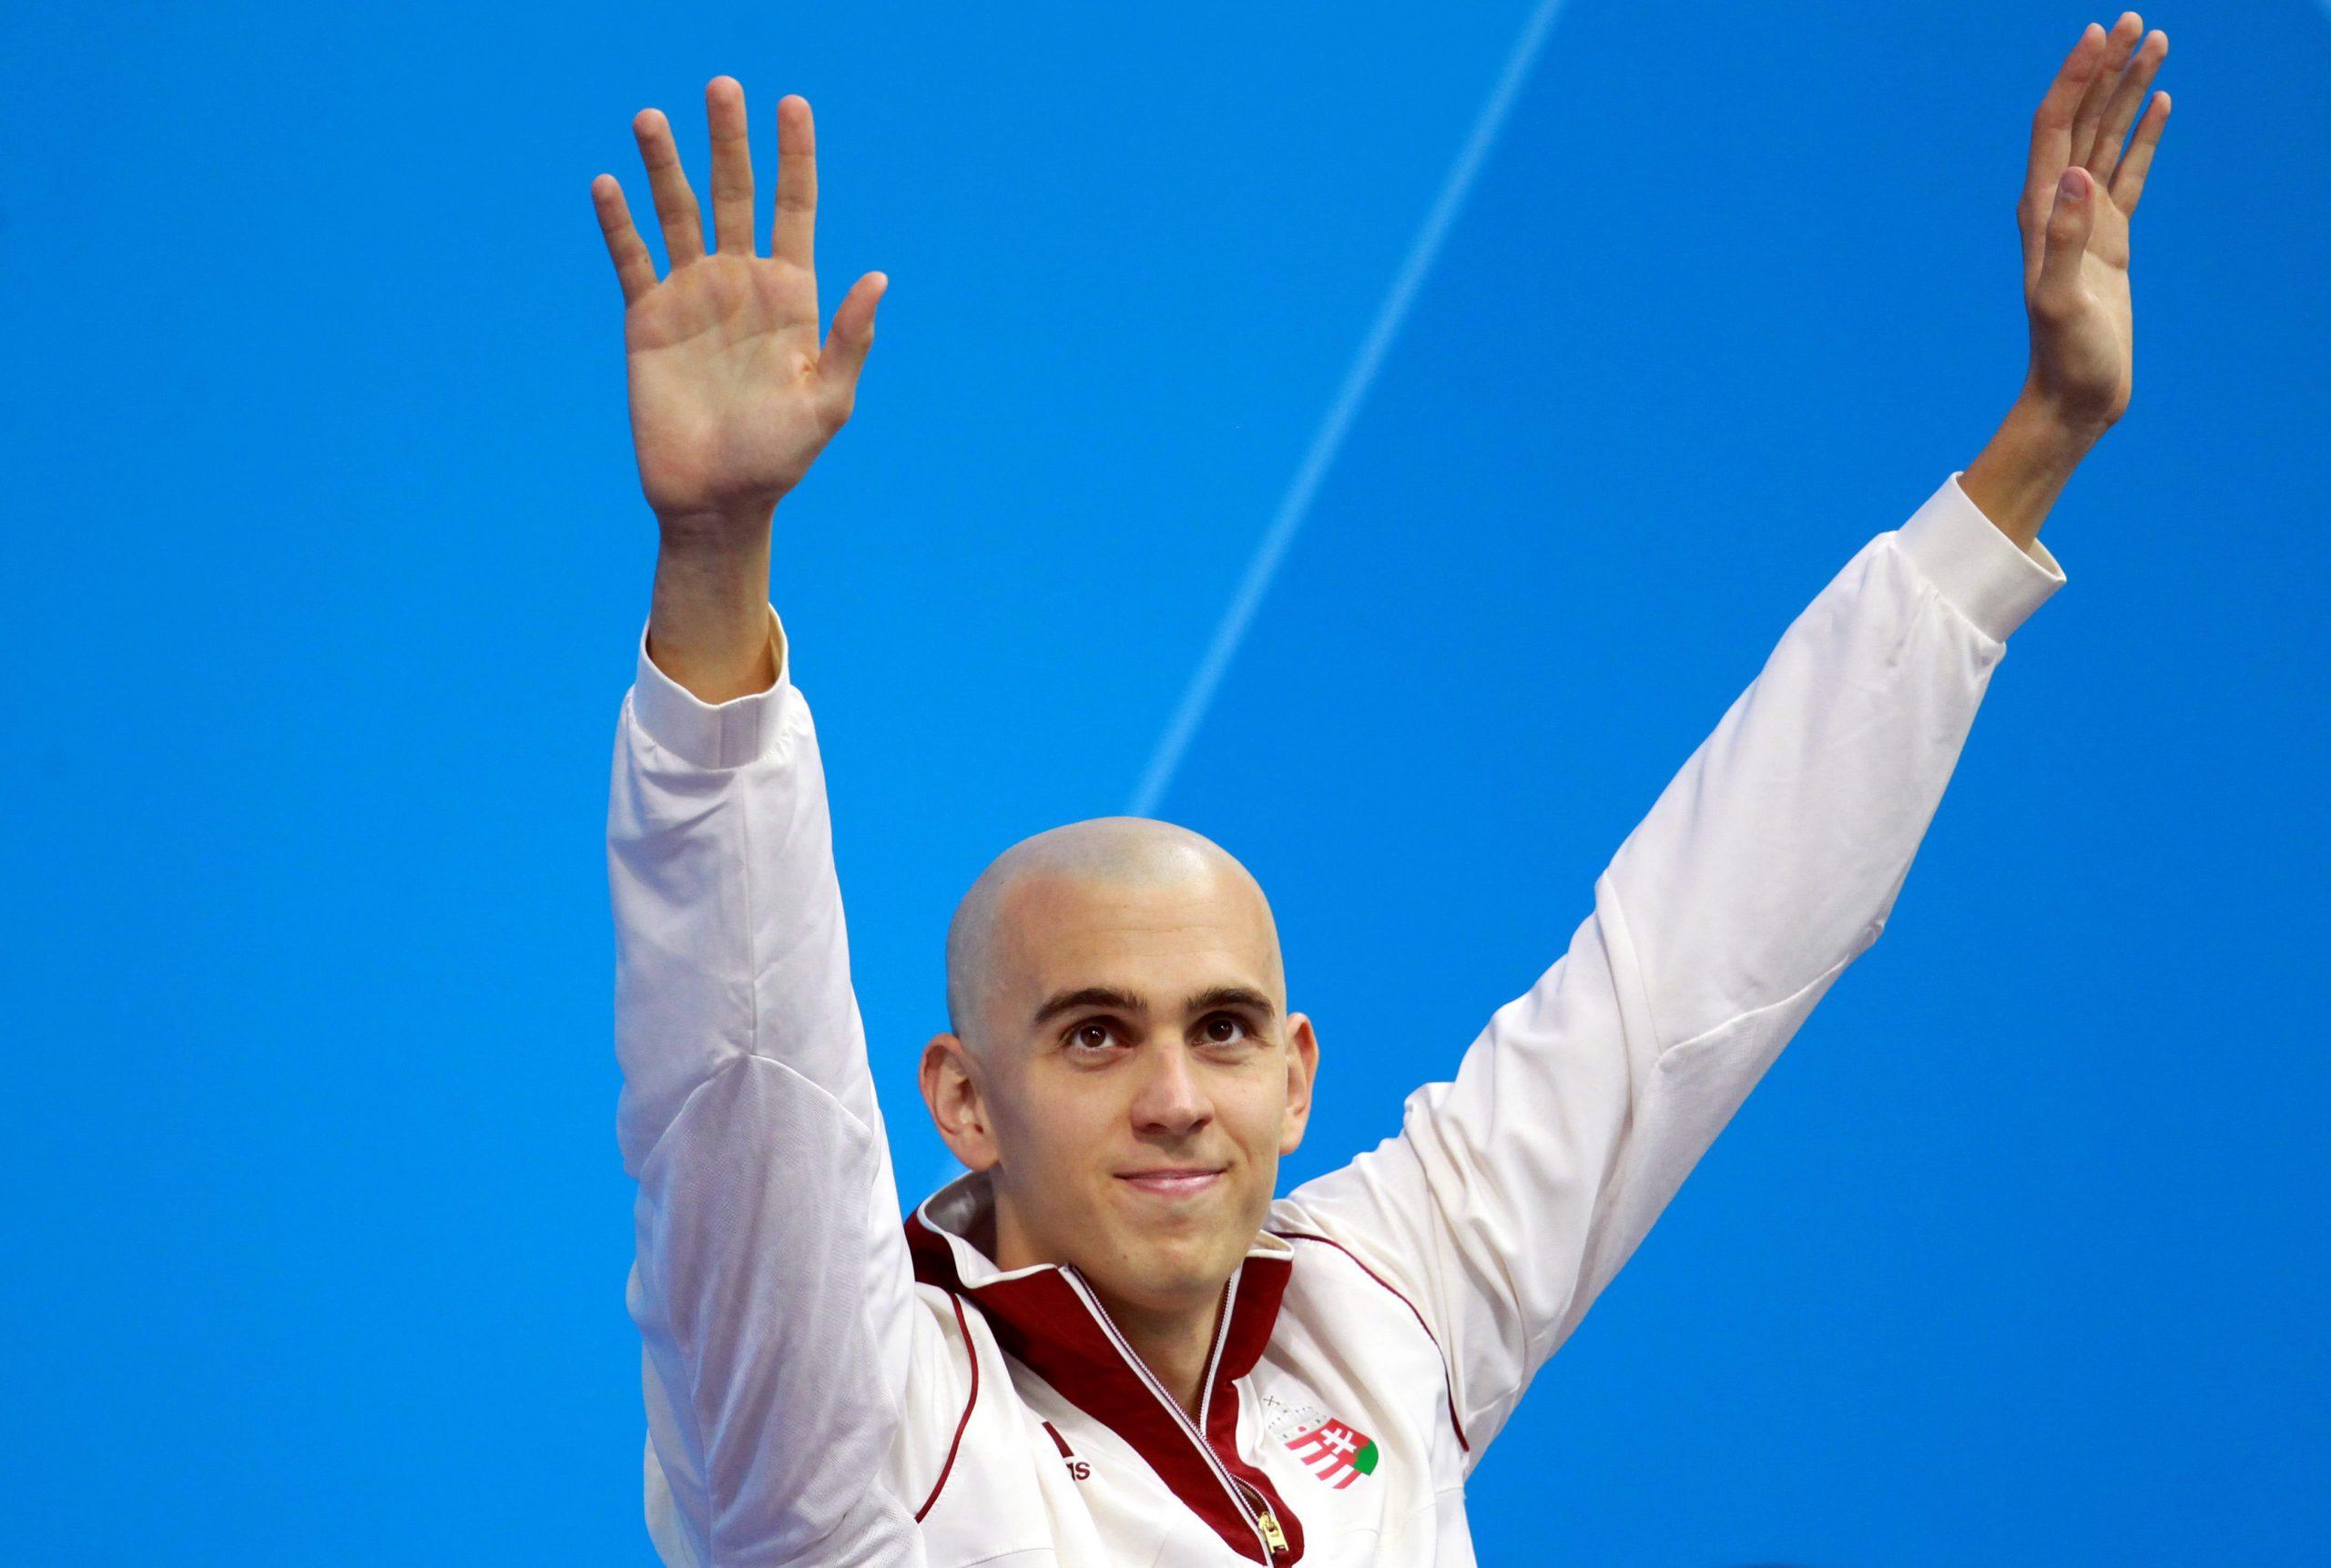 Tokio 2020: Schwimmer László Cseh und Fechterin Aida Mohamed tragen die ungarische Fahne